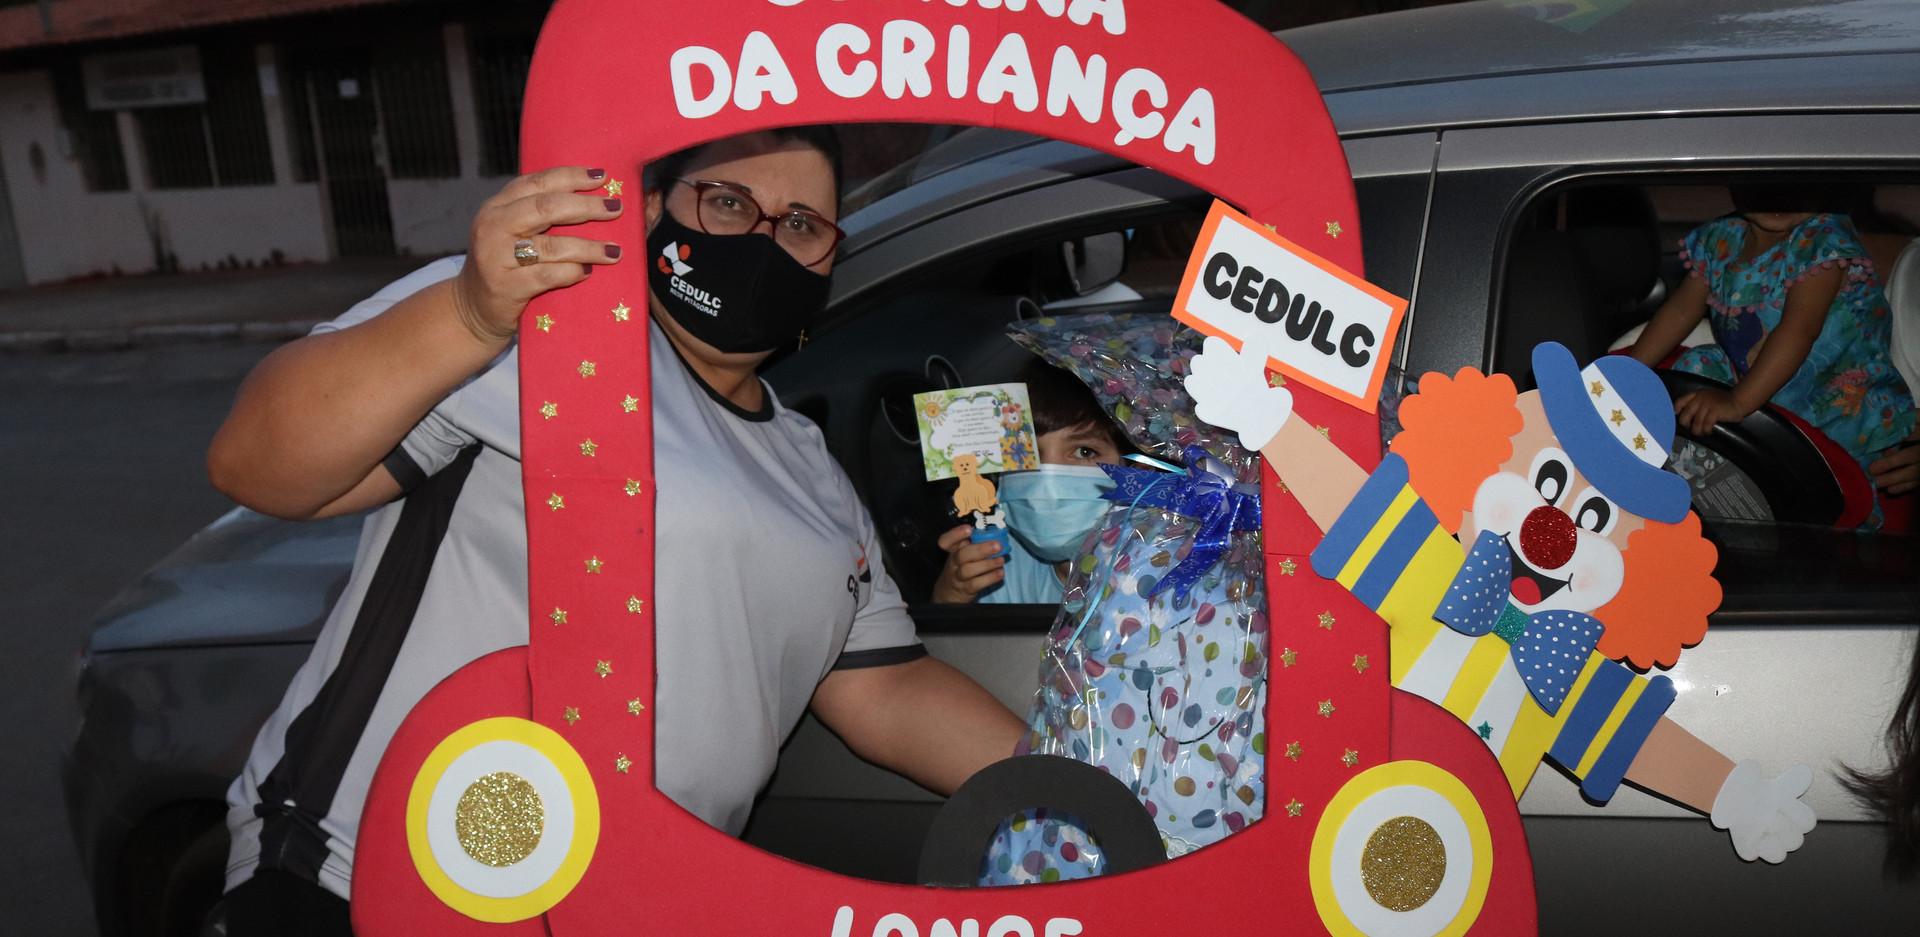 SEMANA DA CRIANCA NO CEDULC (143).JPG